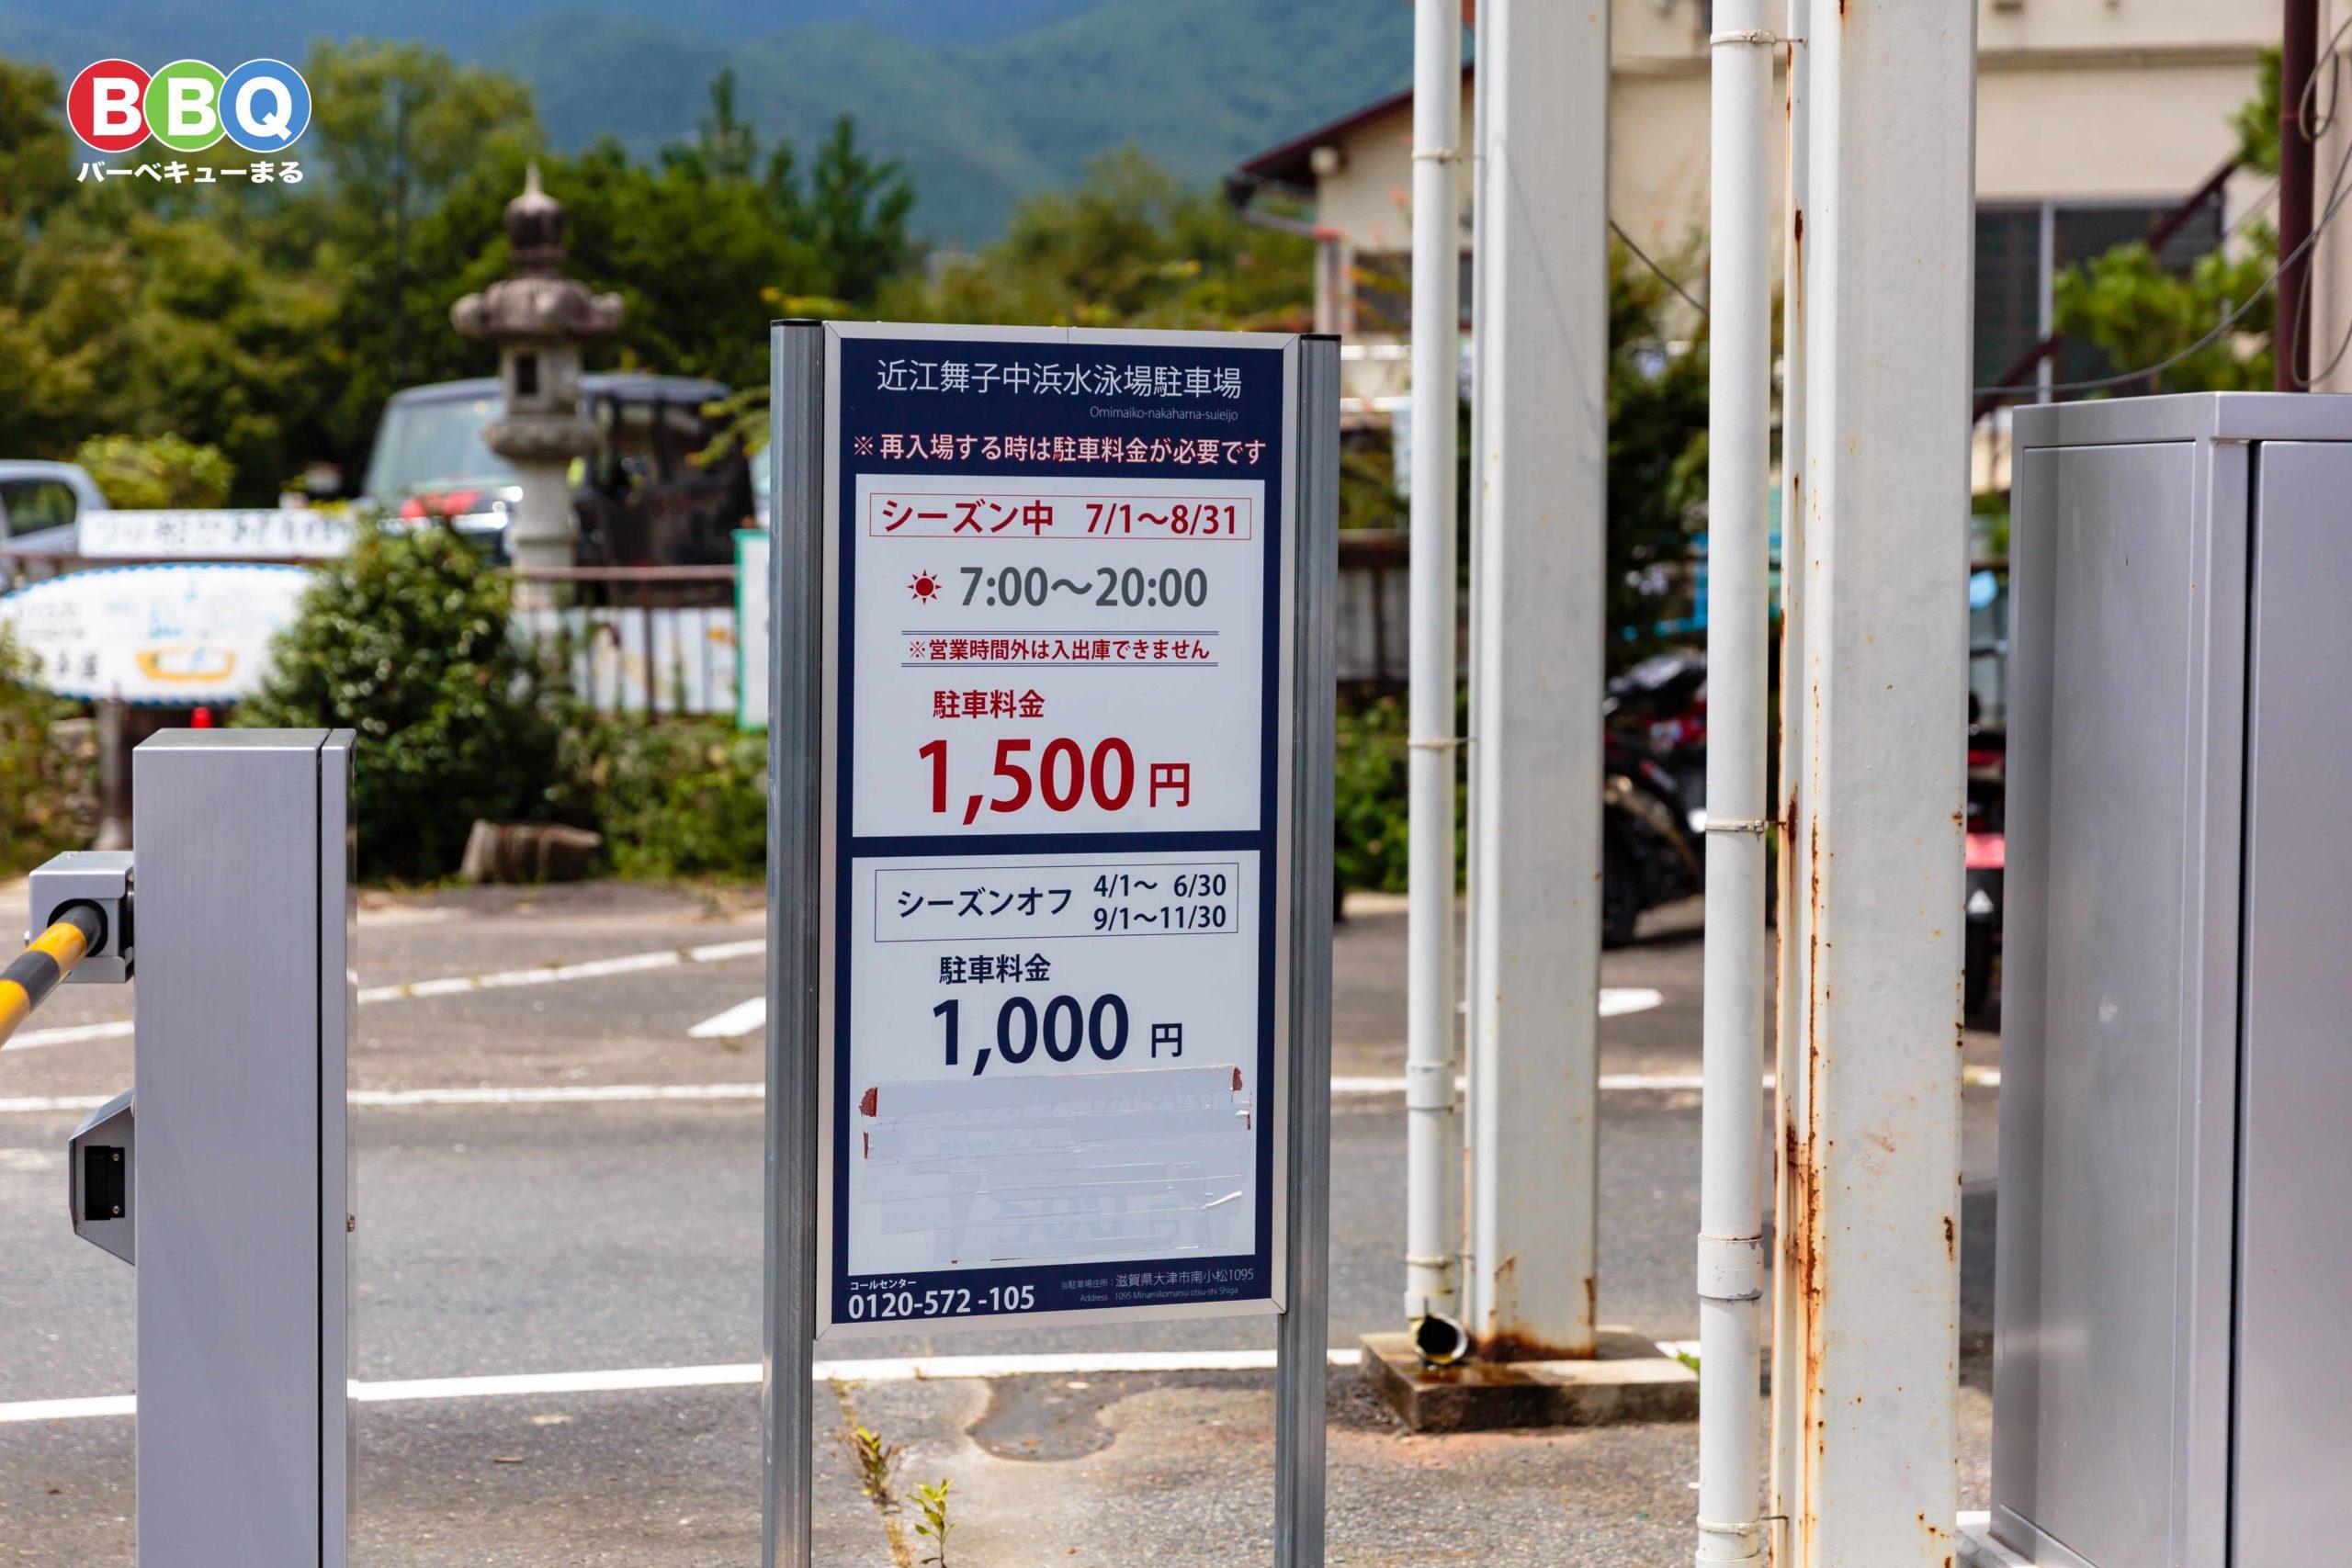 近江舞子中浜水泳場駐車料金の看板